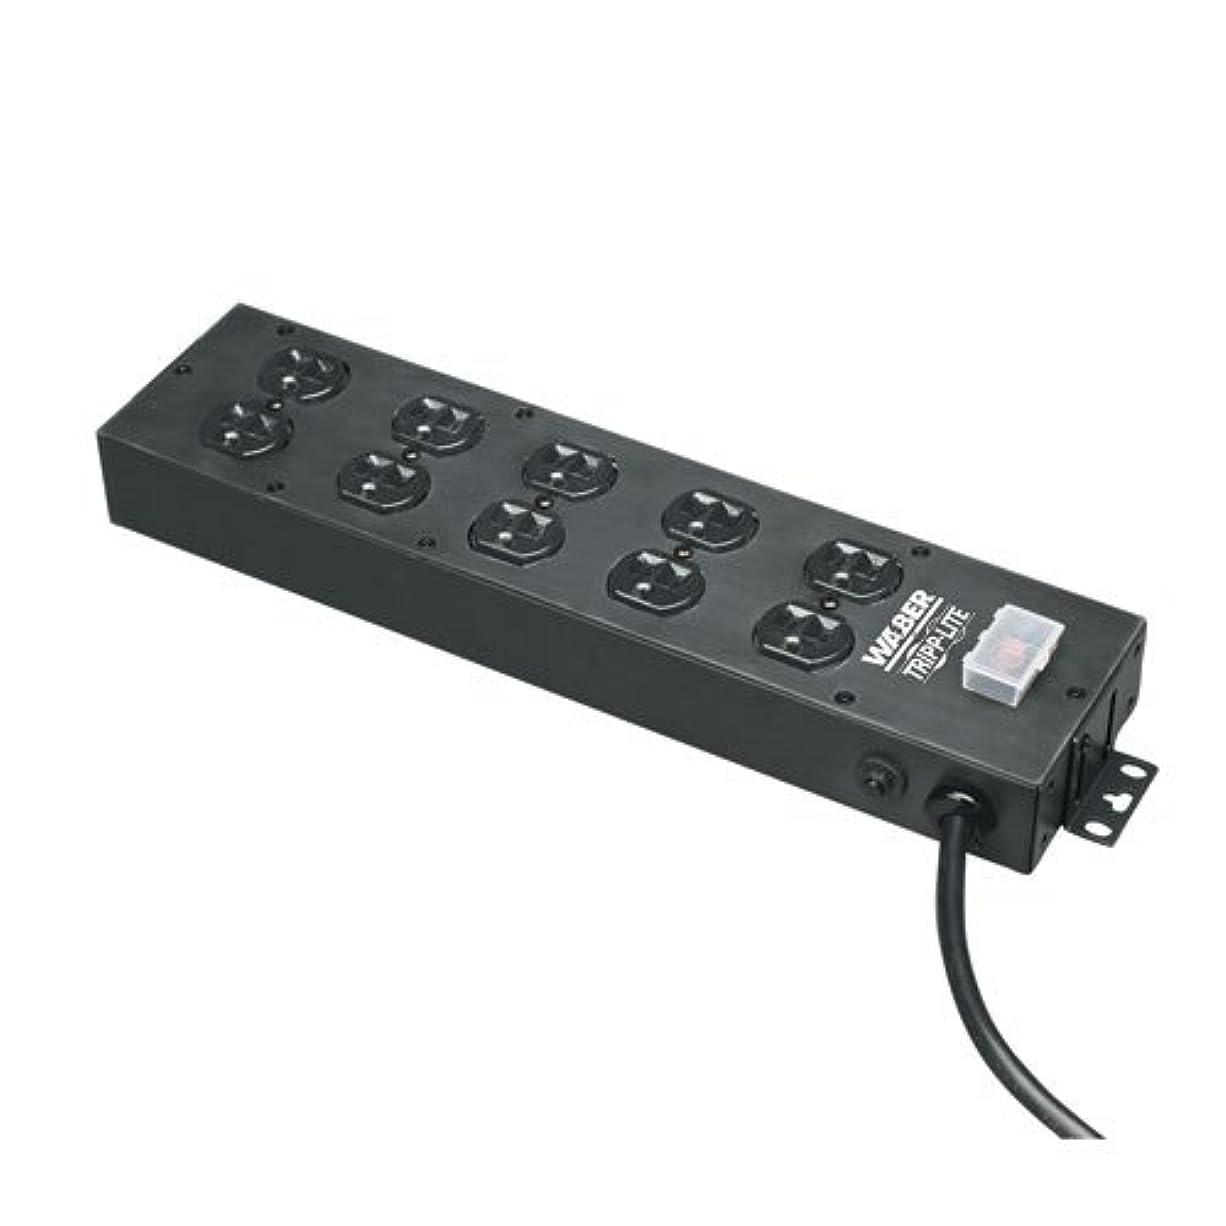 サーマルいつも飛躍Tripp Lite Waber Power Strip 120V 5-15R 10 Outlet Metal 15' Cord 5-15P - Power distribution strip - 15 A - AC 120 V - input: NEMA 5-15 - output connectors: 10 ( NEMA 5-15 ) - black, blue gra